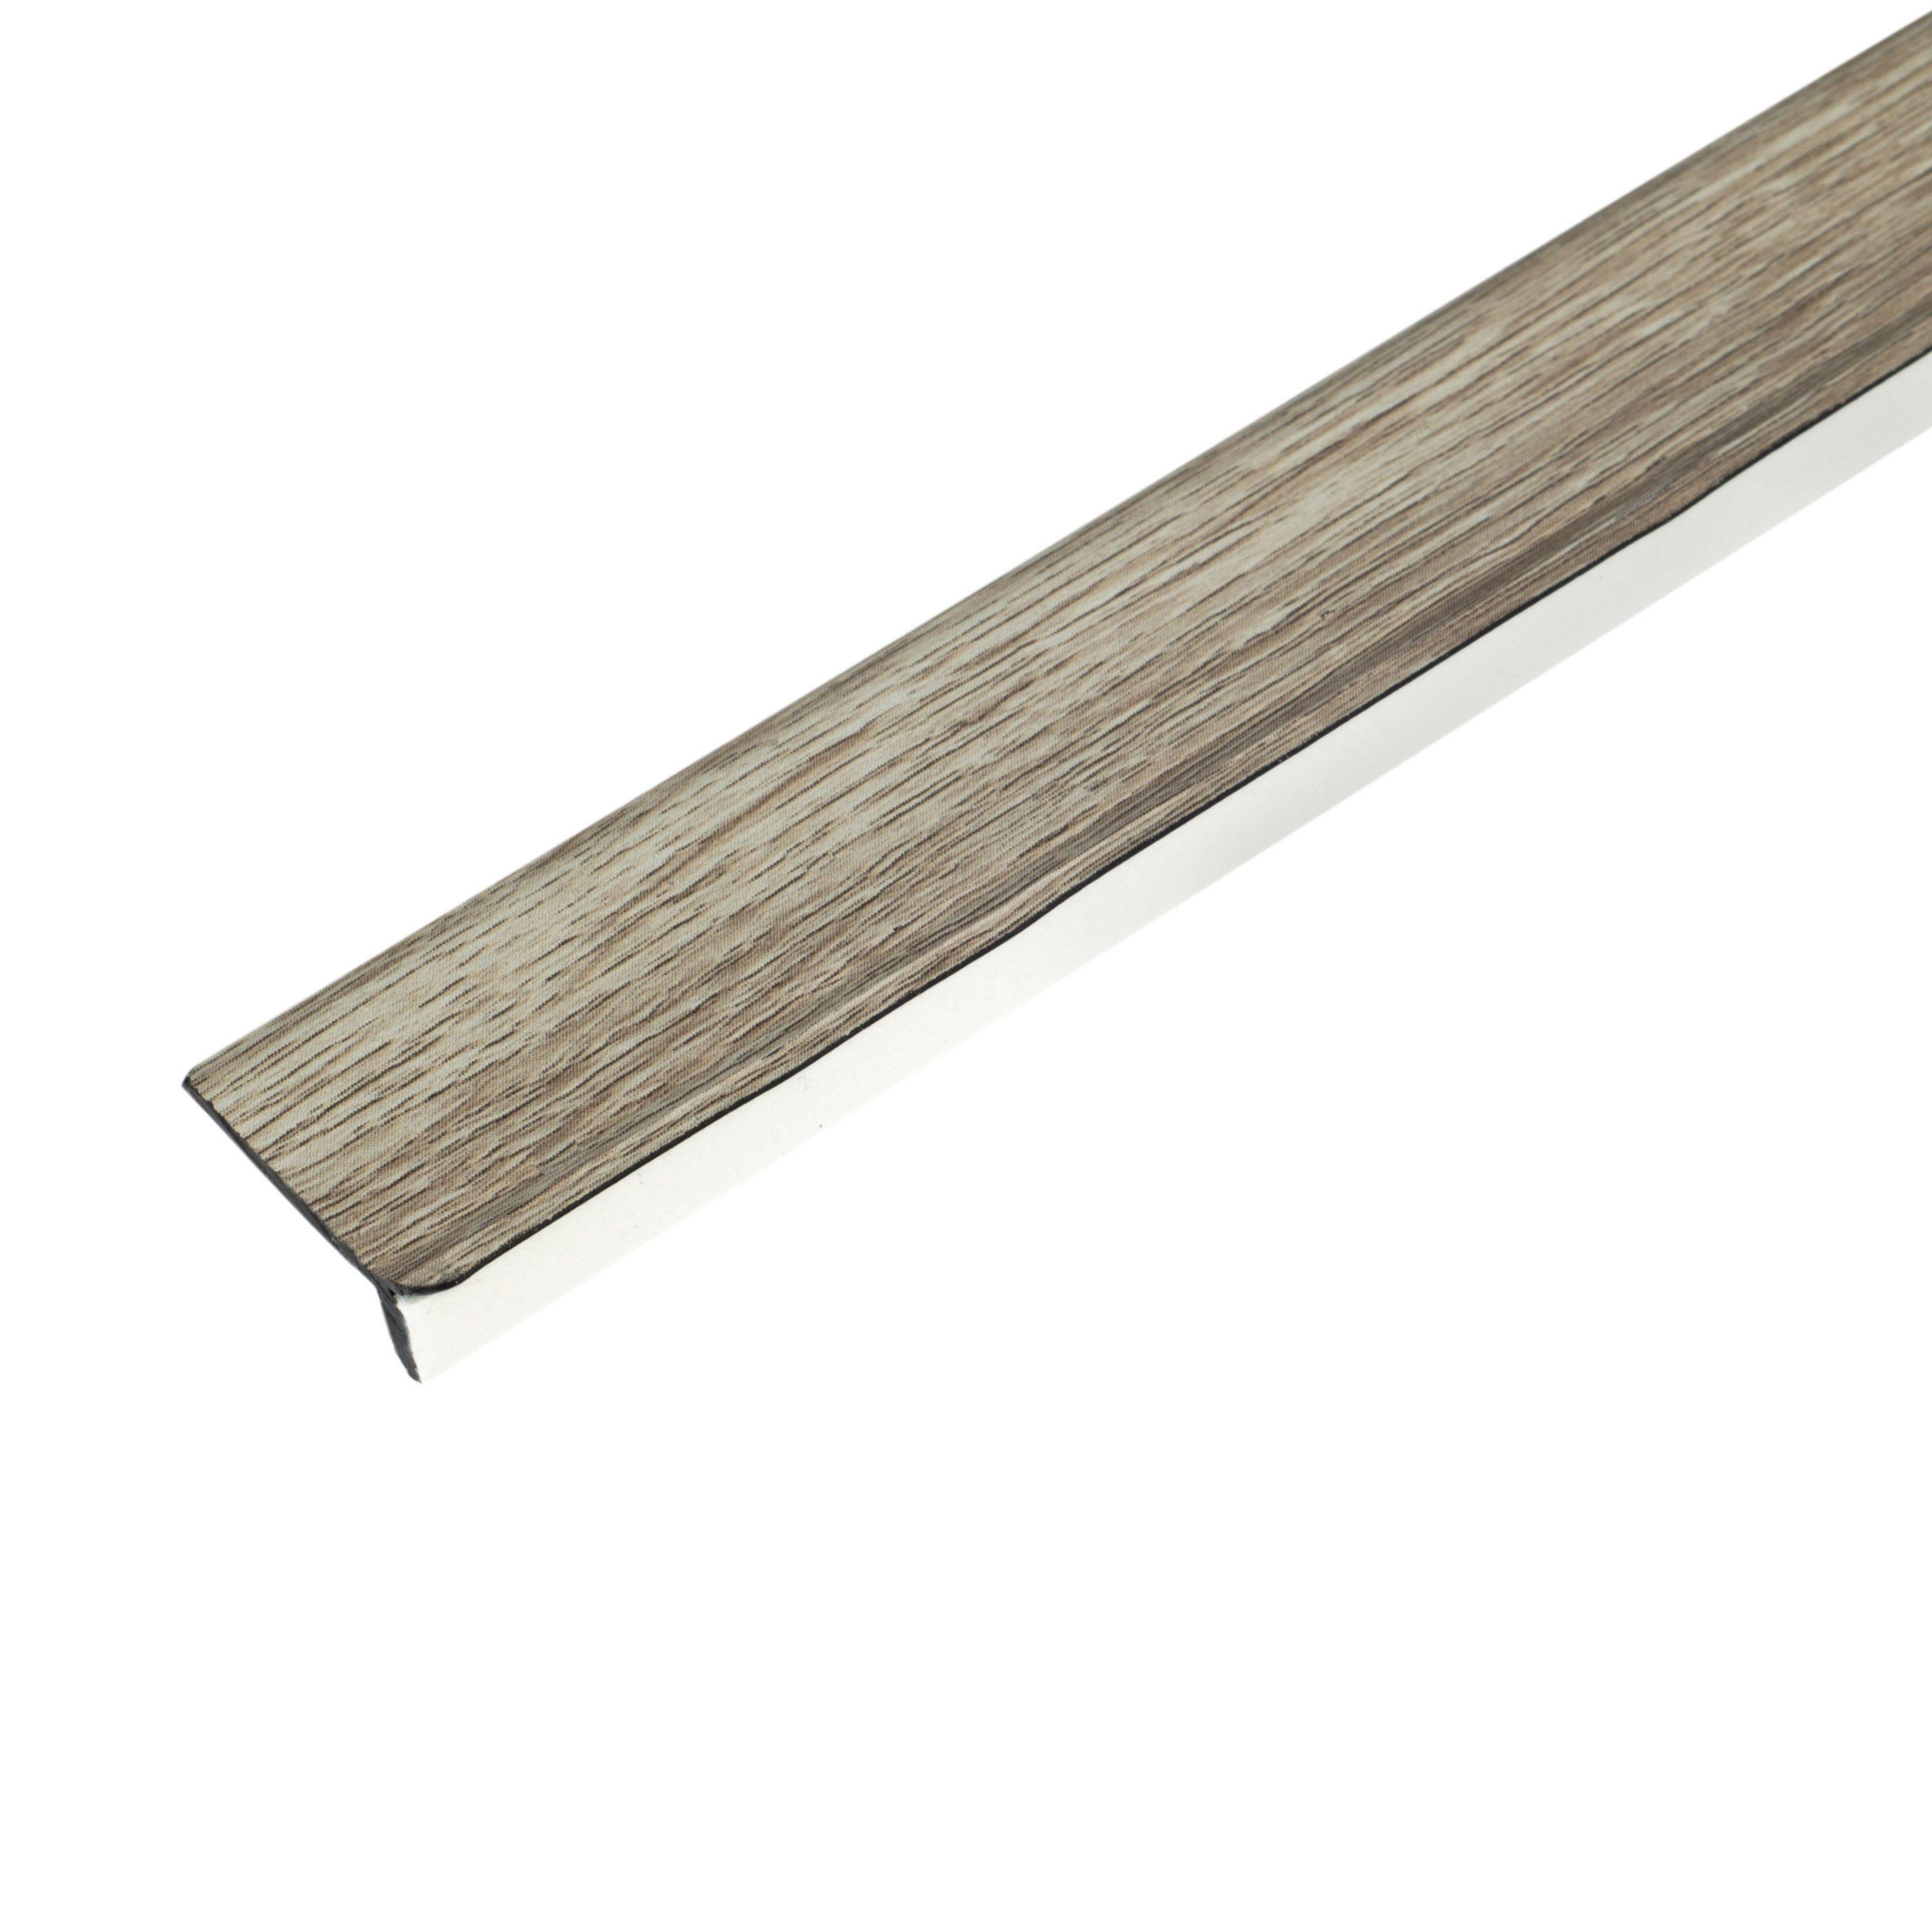 Colours toulon grey oak effect floor edge trim 2 x 2m for Floor edge trim